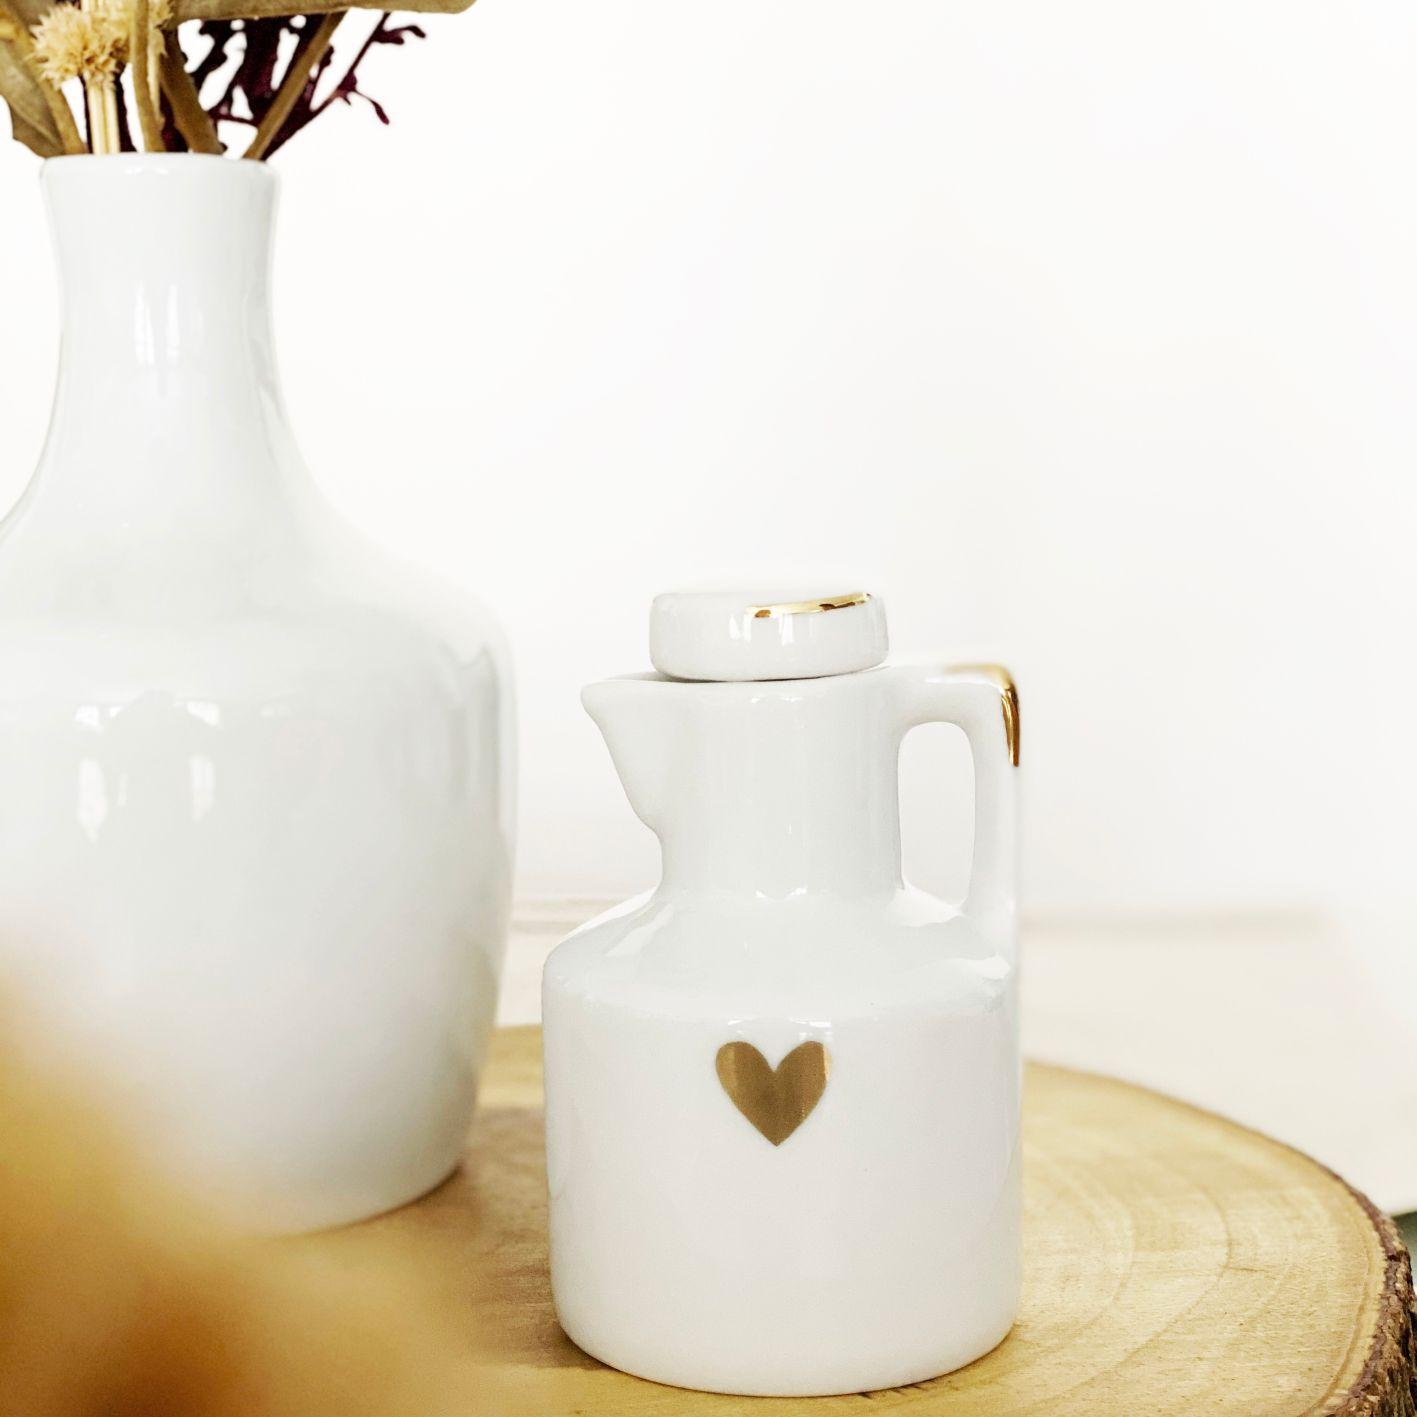 Porta Azeite de Porcelana com Coração e Friso em Ouro